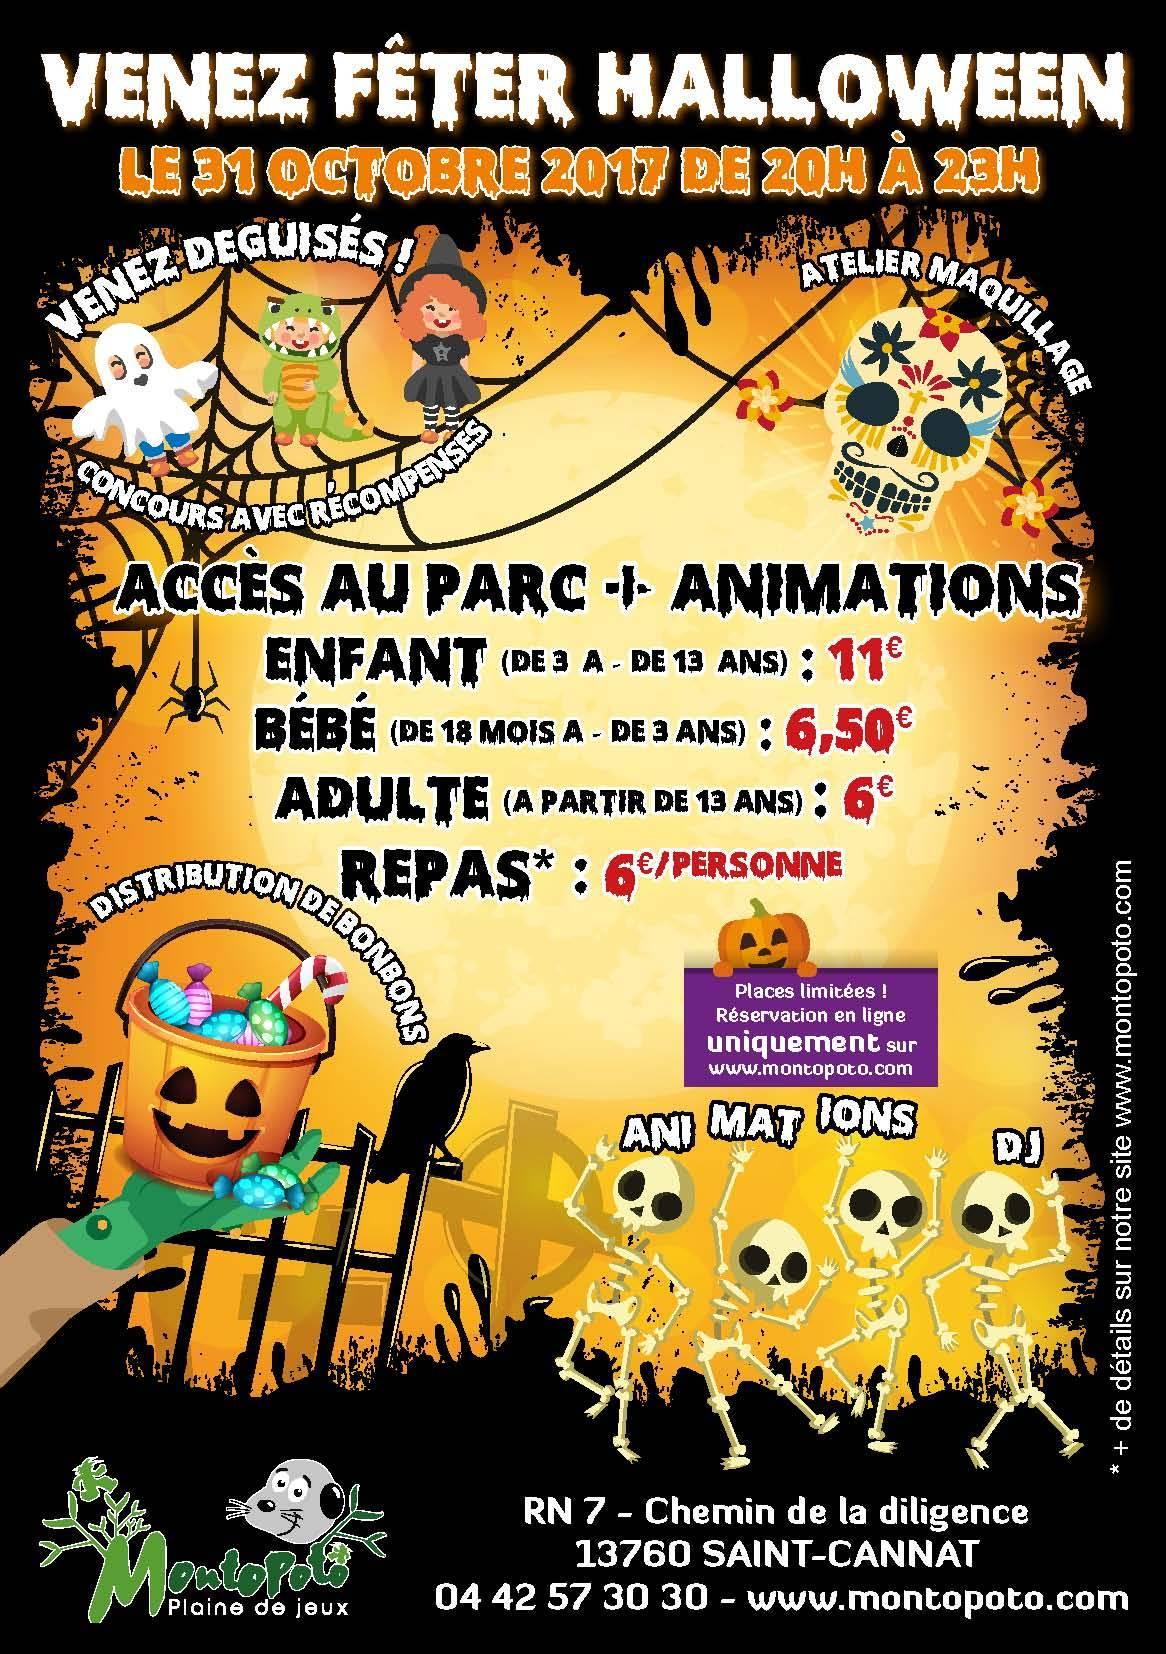 Lieu Pour Fêter Anniversaire 7 Ans Bouches-Du-Rhône - Montopoto concernant Jeux Enfant 7 Ans